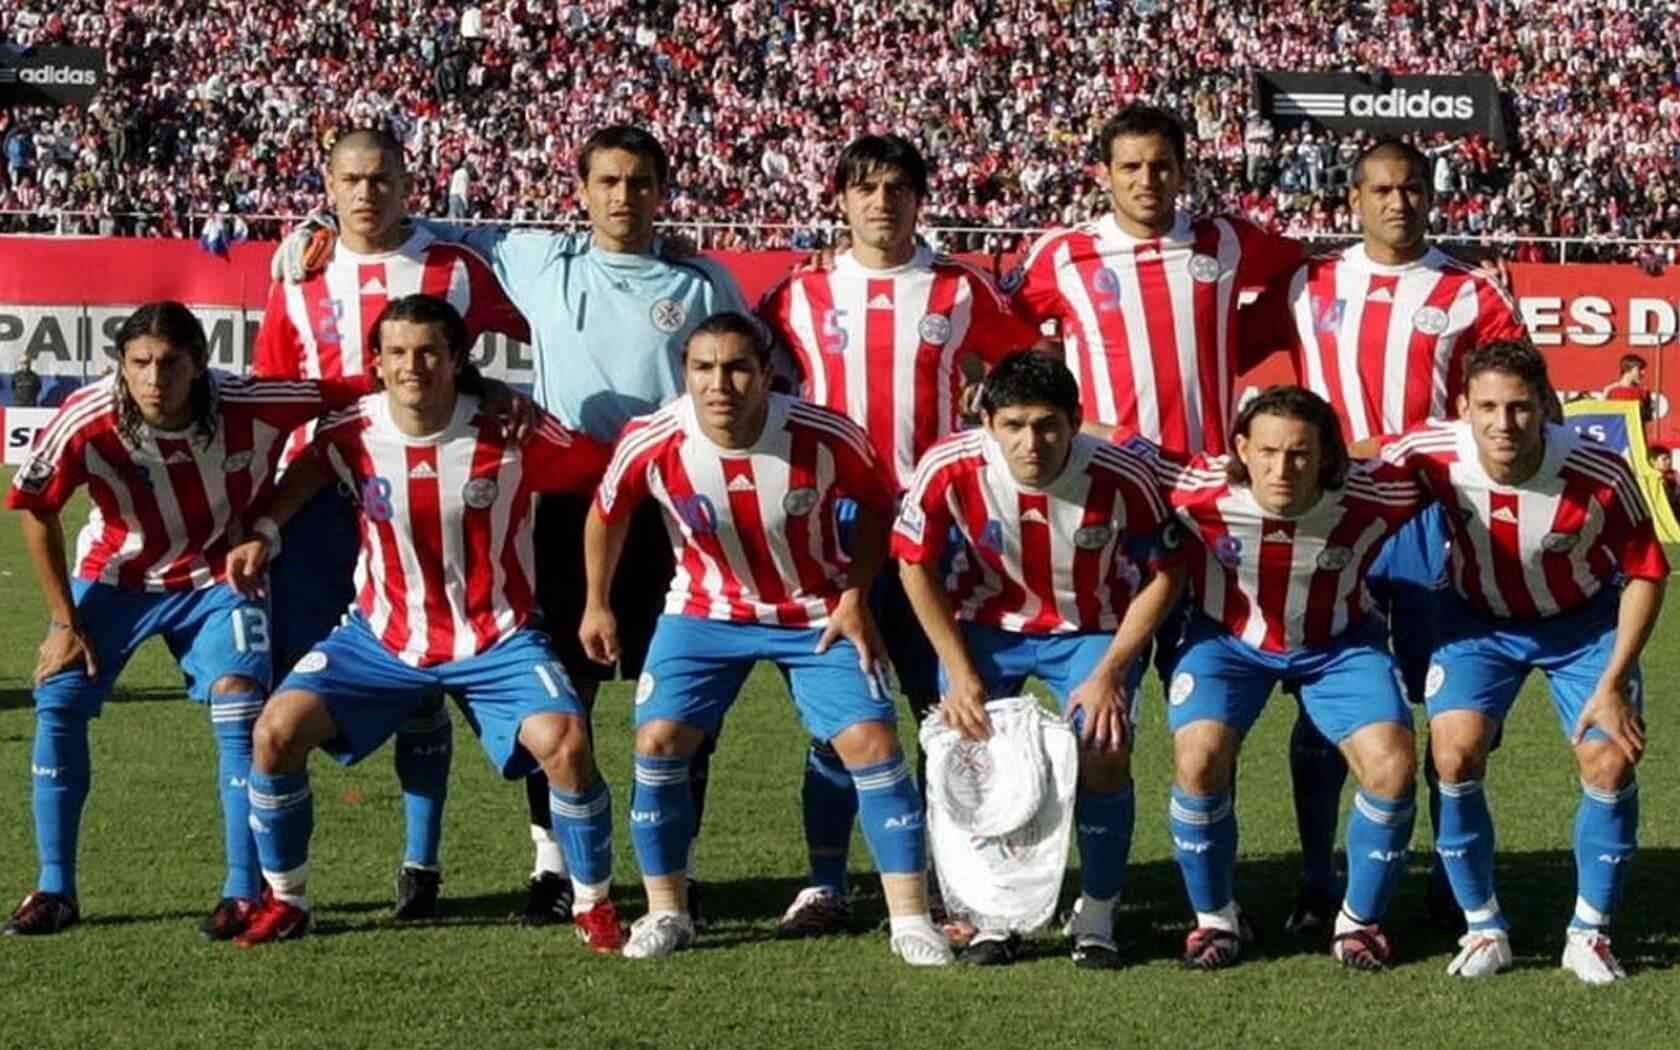 Сборная Парагвая на чемпионате мира 2010 года